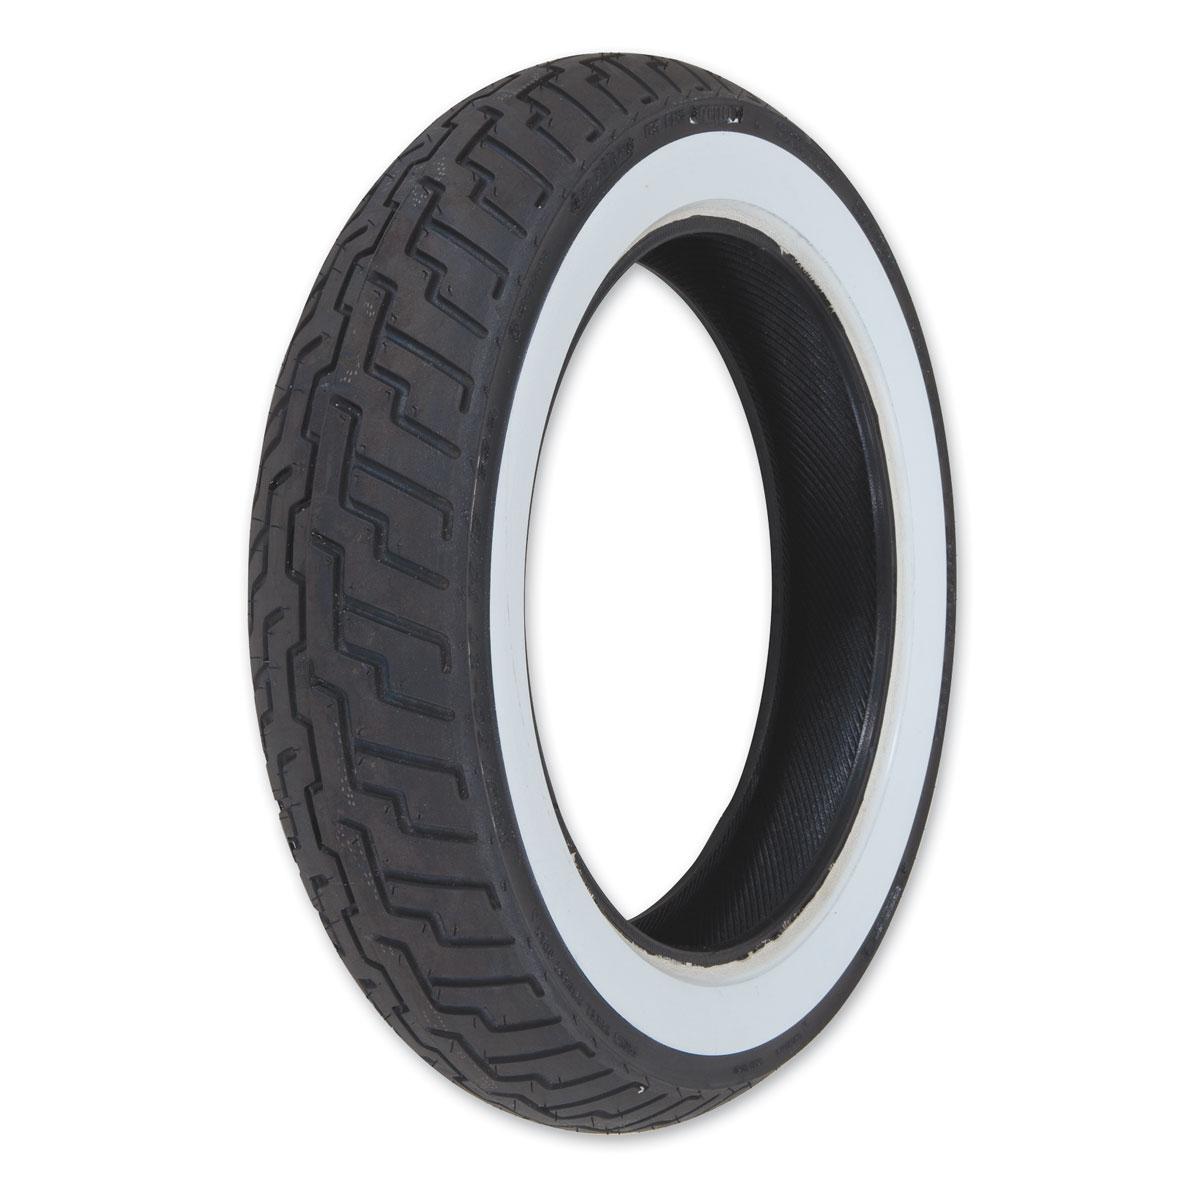 Dunlop D404 150/90-15 Wide Whitewall Rear Tire